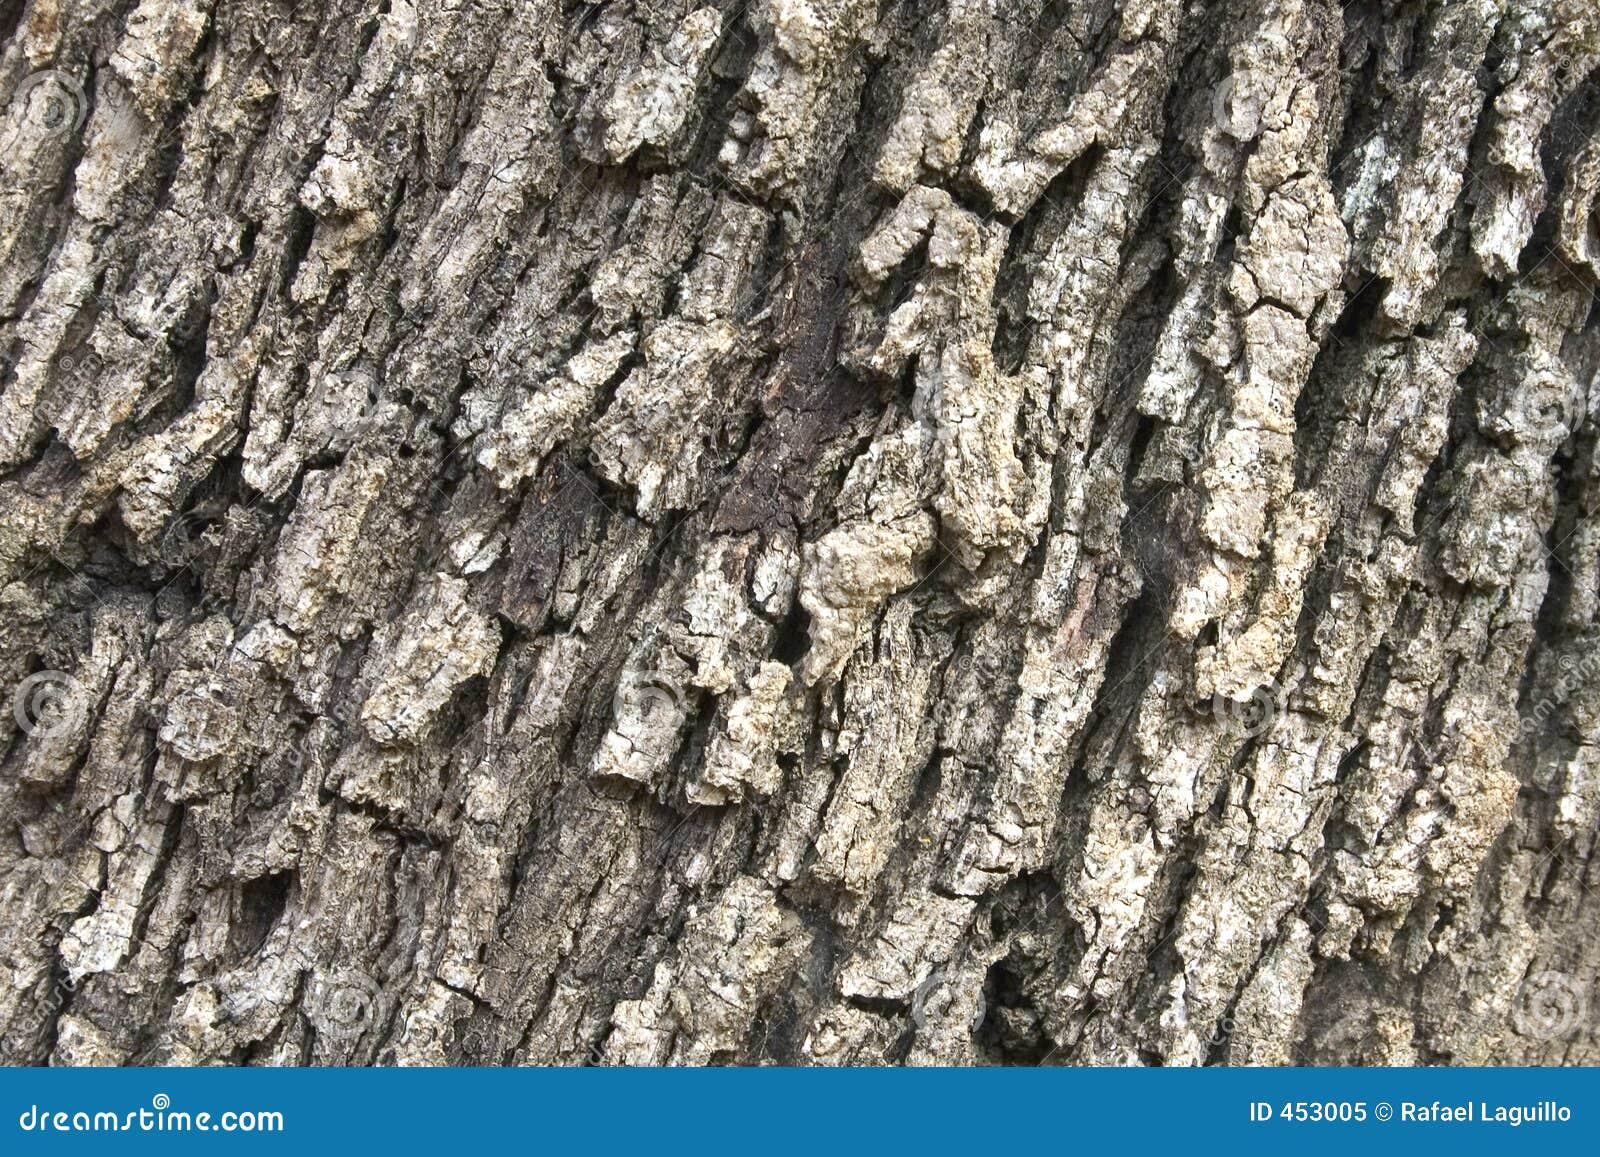 Bark texture 07